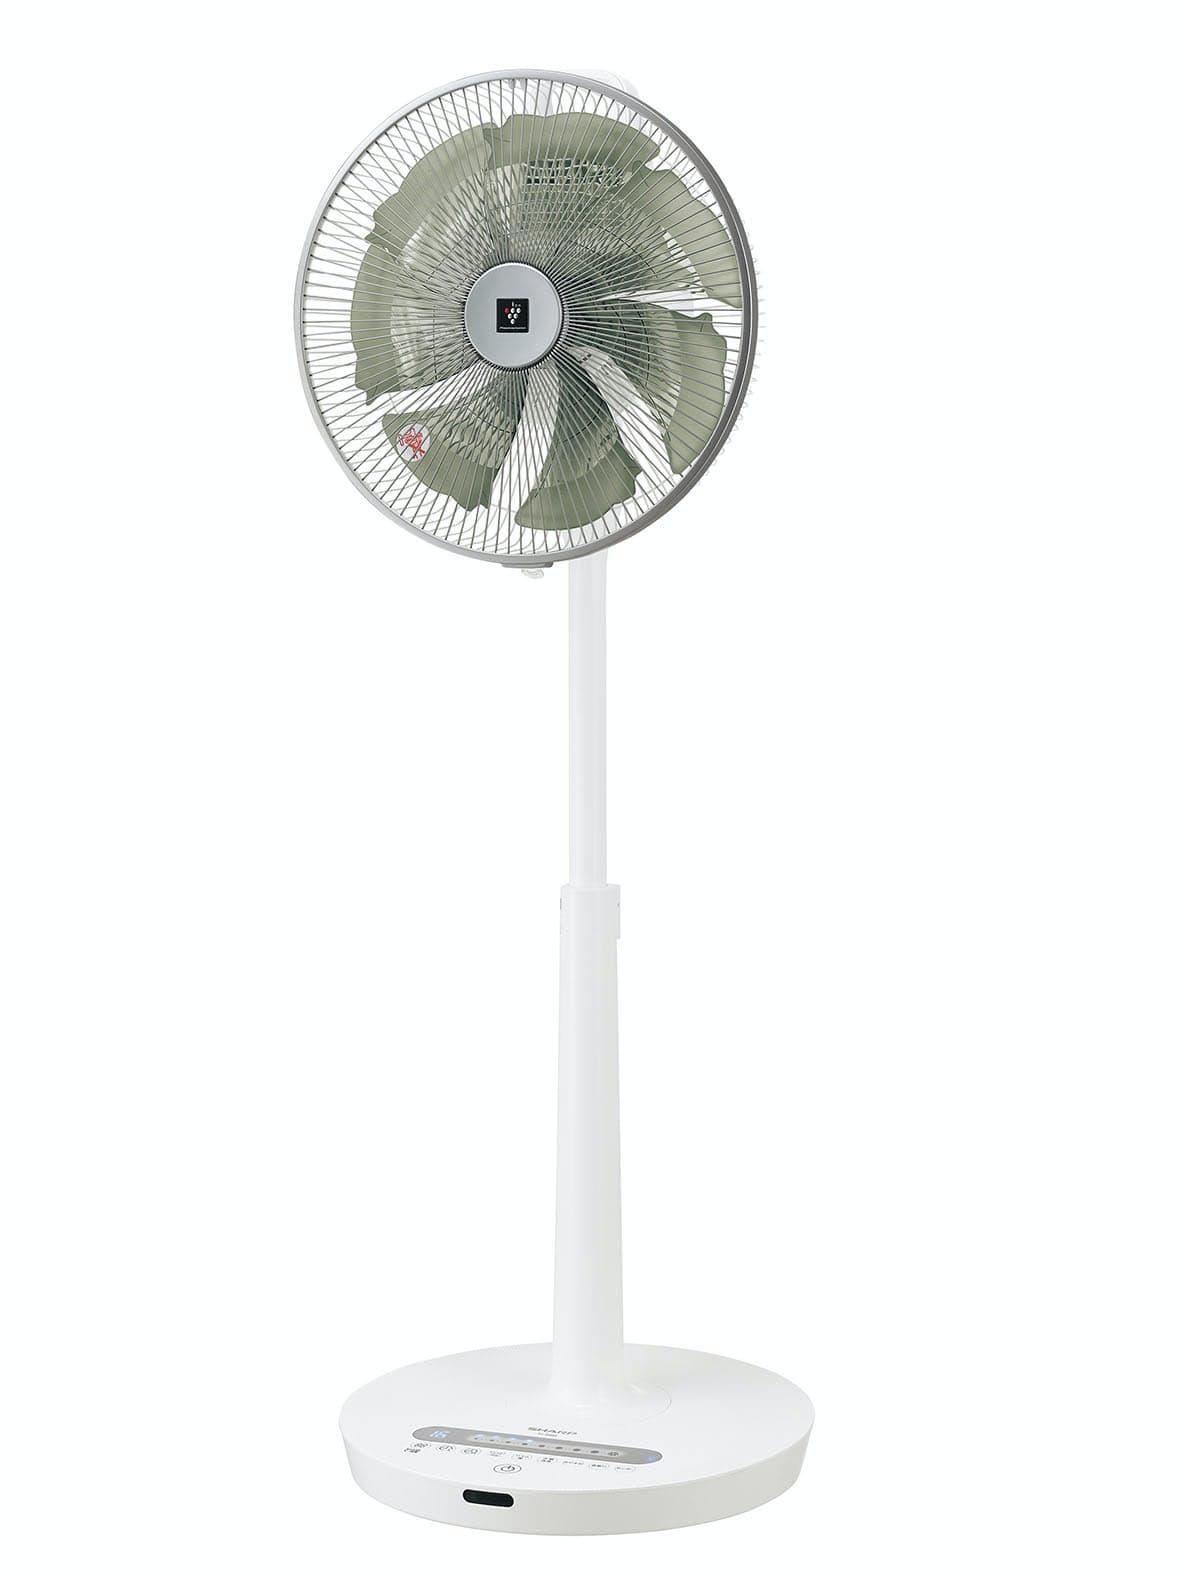 シャープが4月に発売した扇風機のファンはチョウの羽の形や動きをまねた